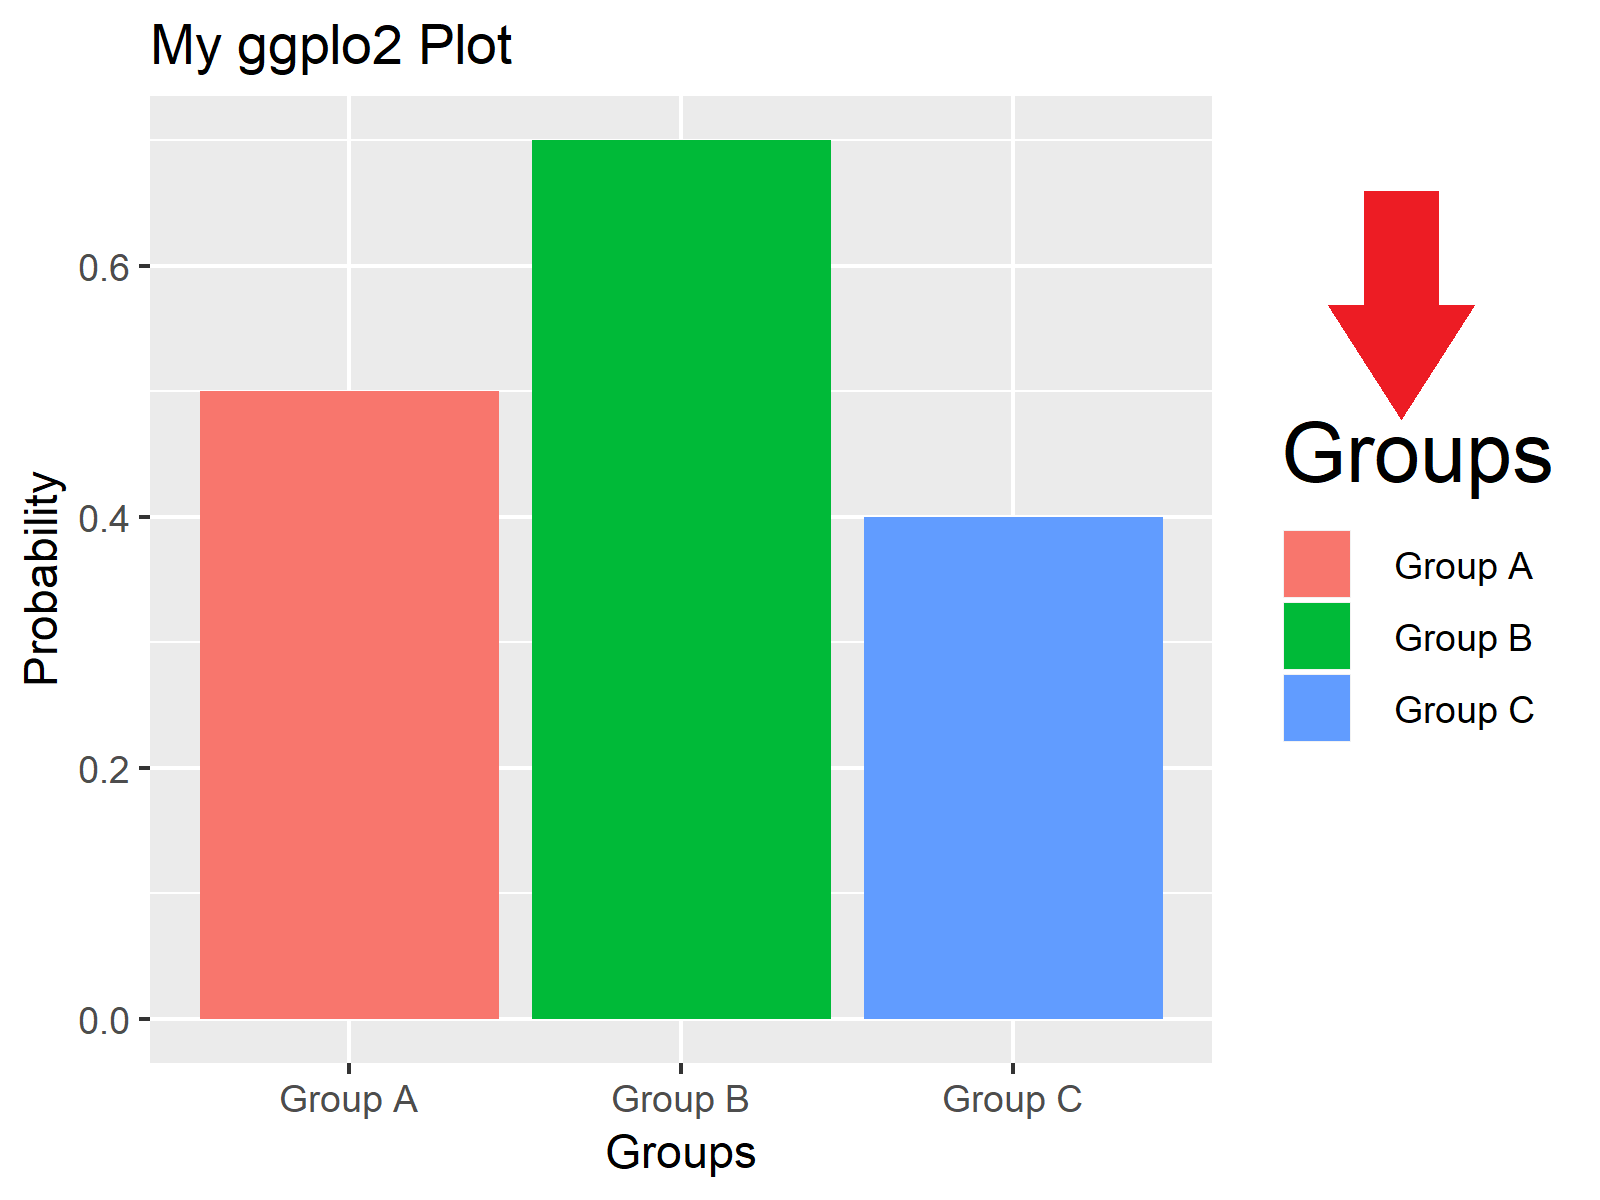 r ggplot2 plot font size of legend title